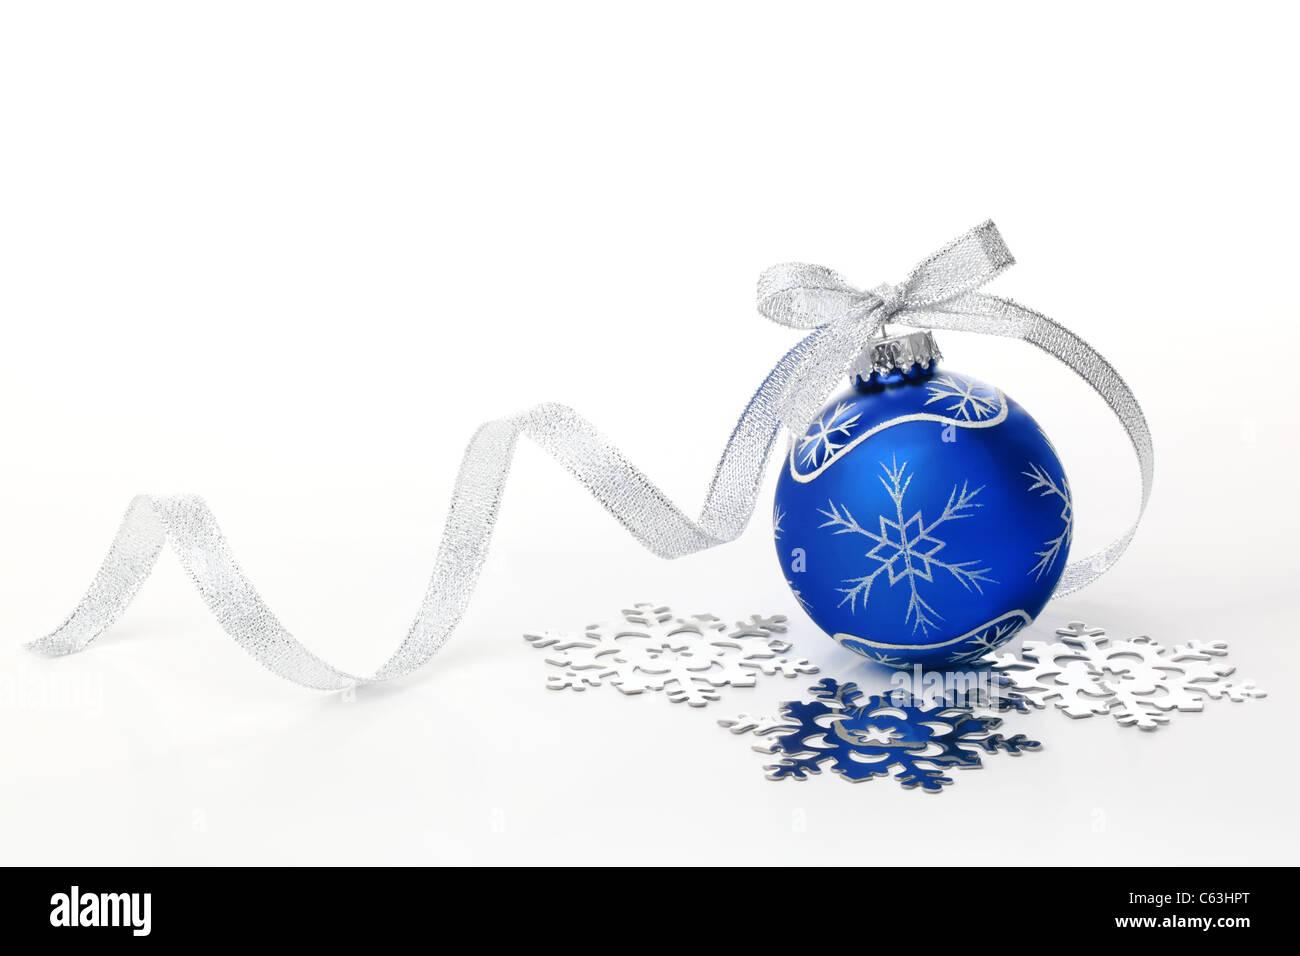 Blue palla di Natale con nastro argentato di prua e il simbolo del fiocco di neve su sfondo bianco. Immagini Stock